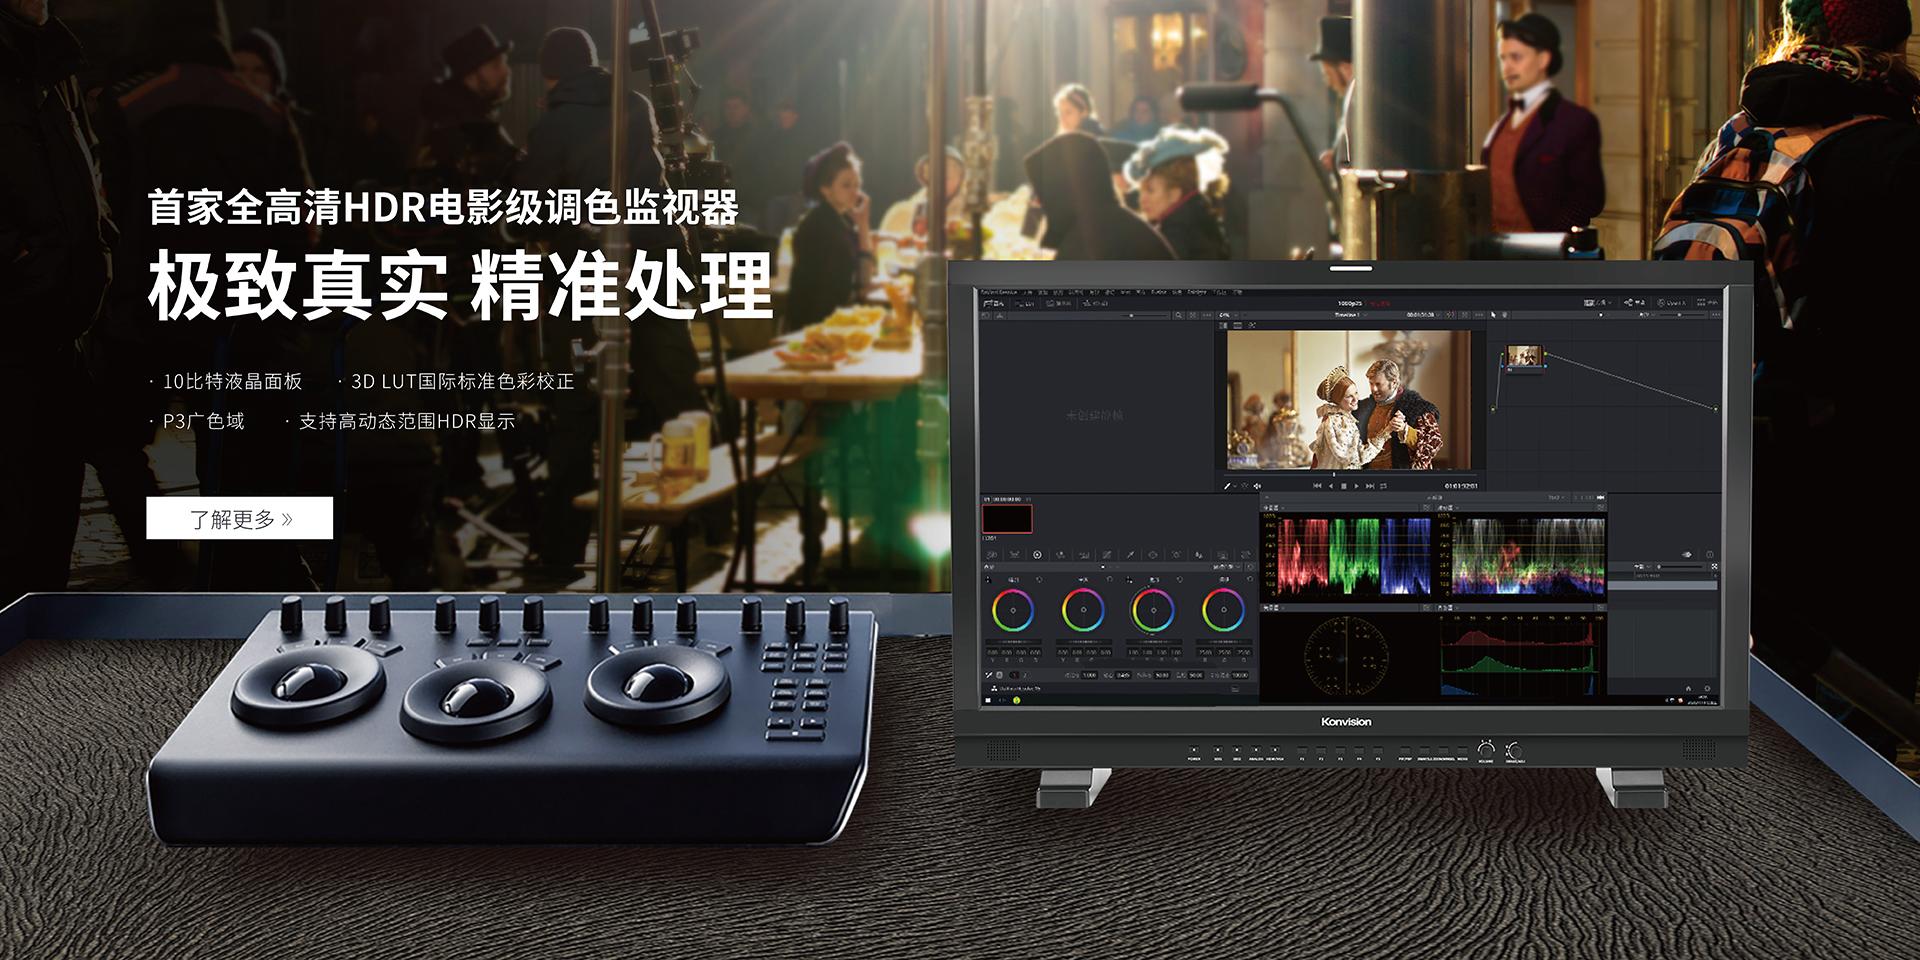 24英寸P3电影级监视器